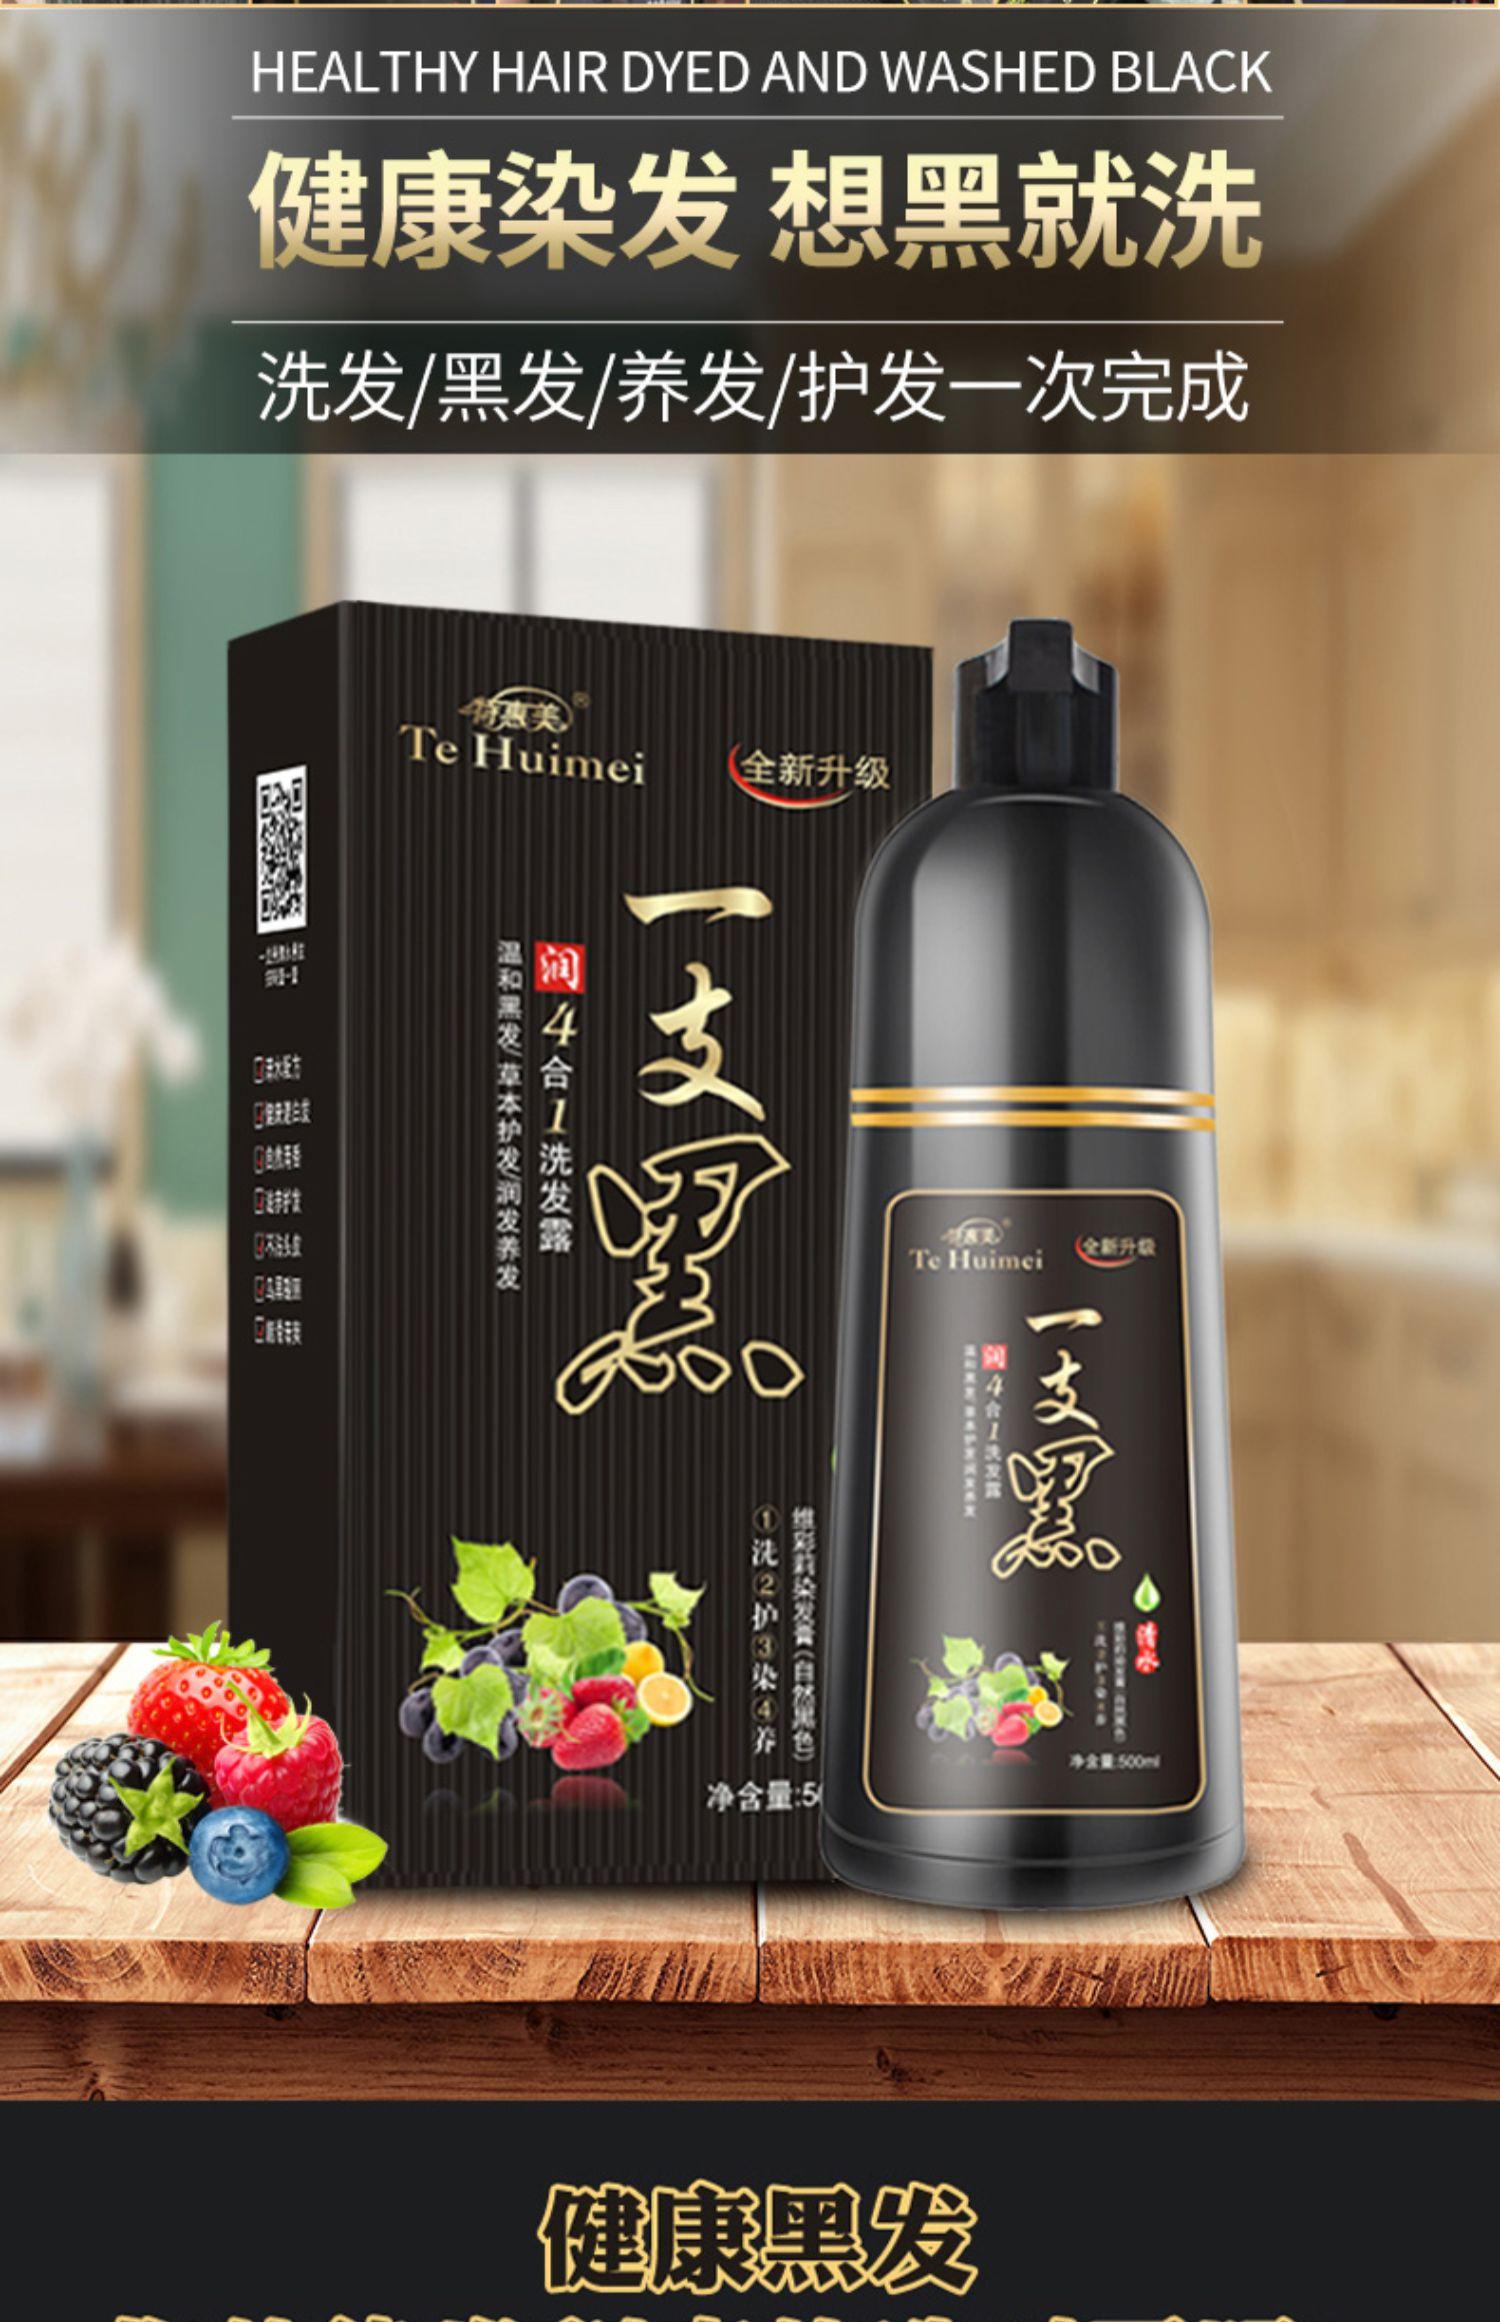 【特惠美】植物一洗黑一支彩500ml6